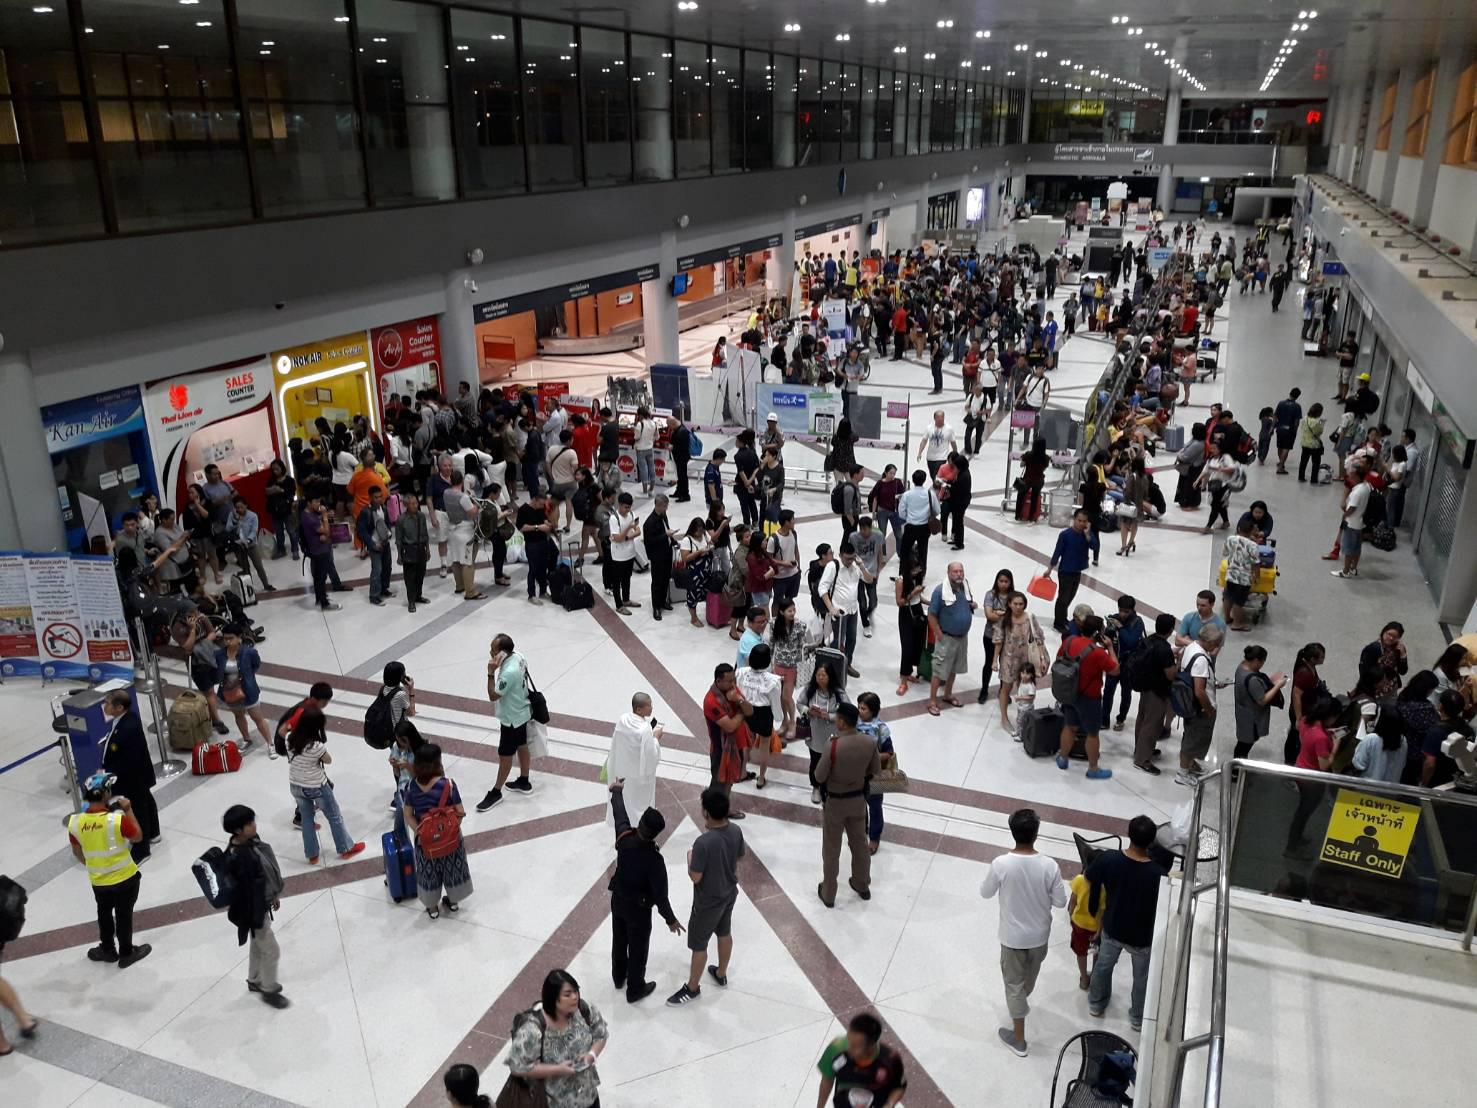 สนามบินอุบลฯ ประกาศเปิดให้บริการแล้ว หลังเกิดไฟช็อตจนต้องยกเลิกทุกเที่ยวบิน